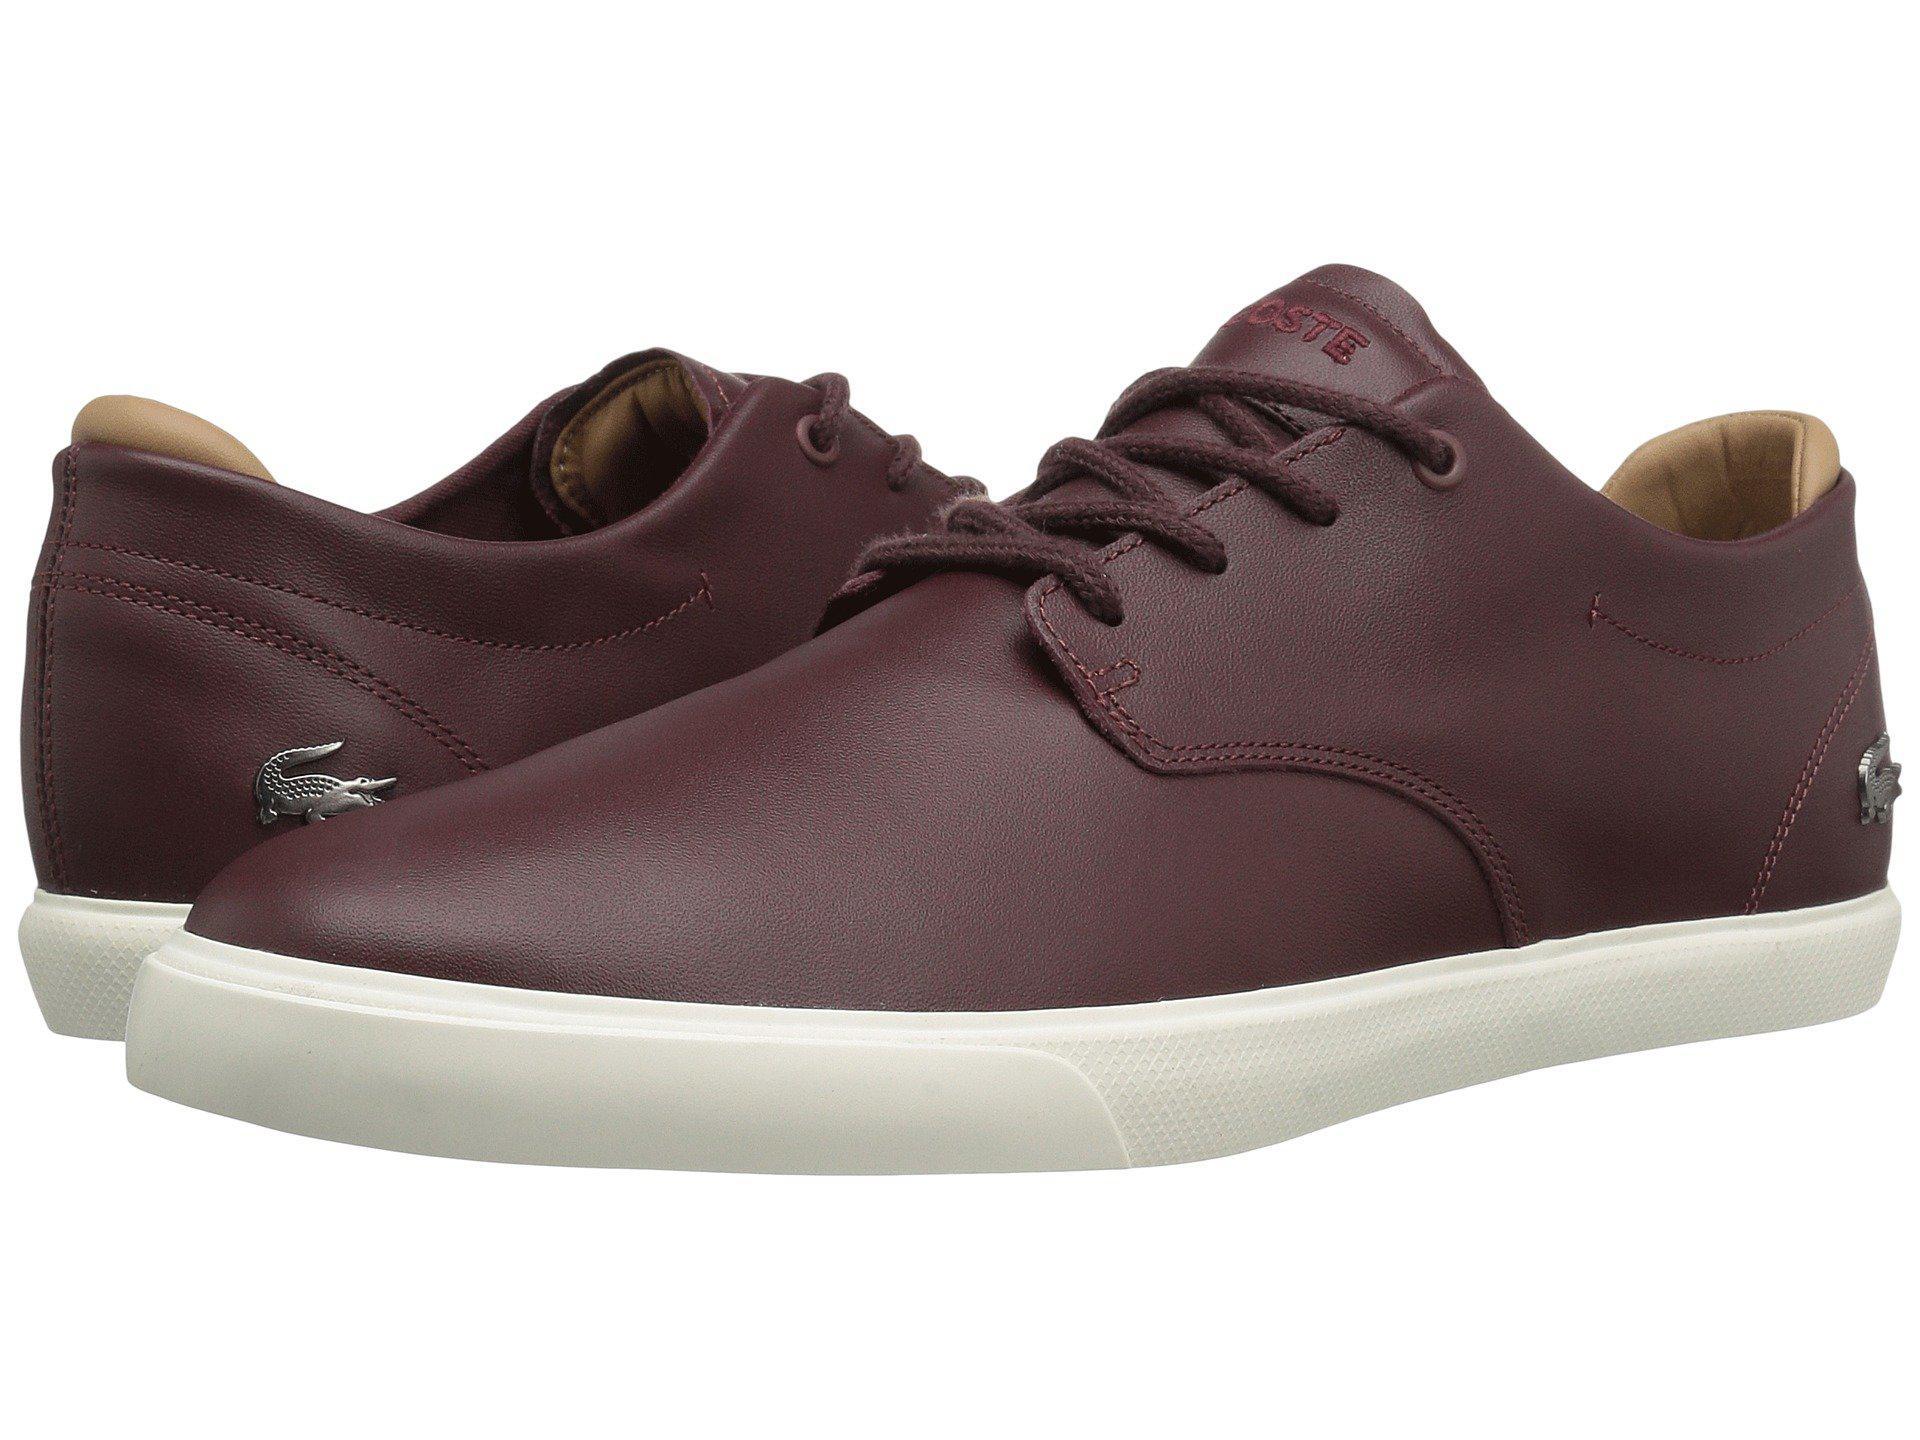 685e314e6307d1 Lyst - Lacoste Espere 117 1 Cam Fashion Sneaker in Brown for Men